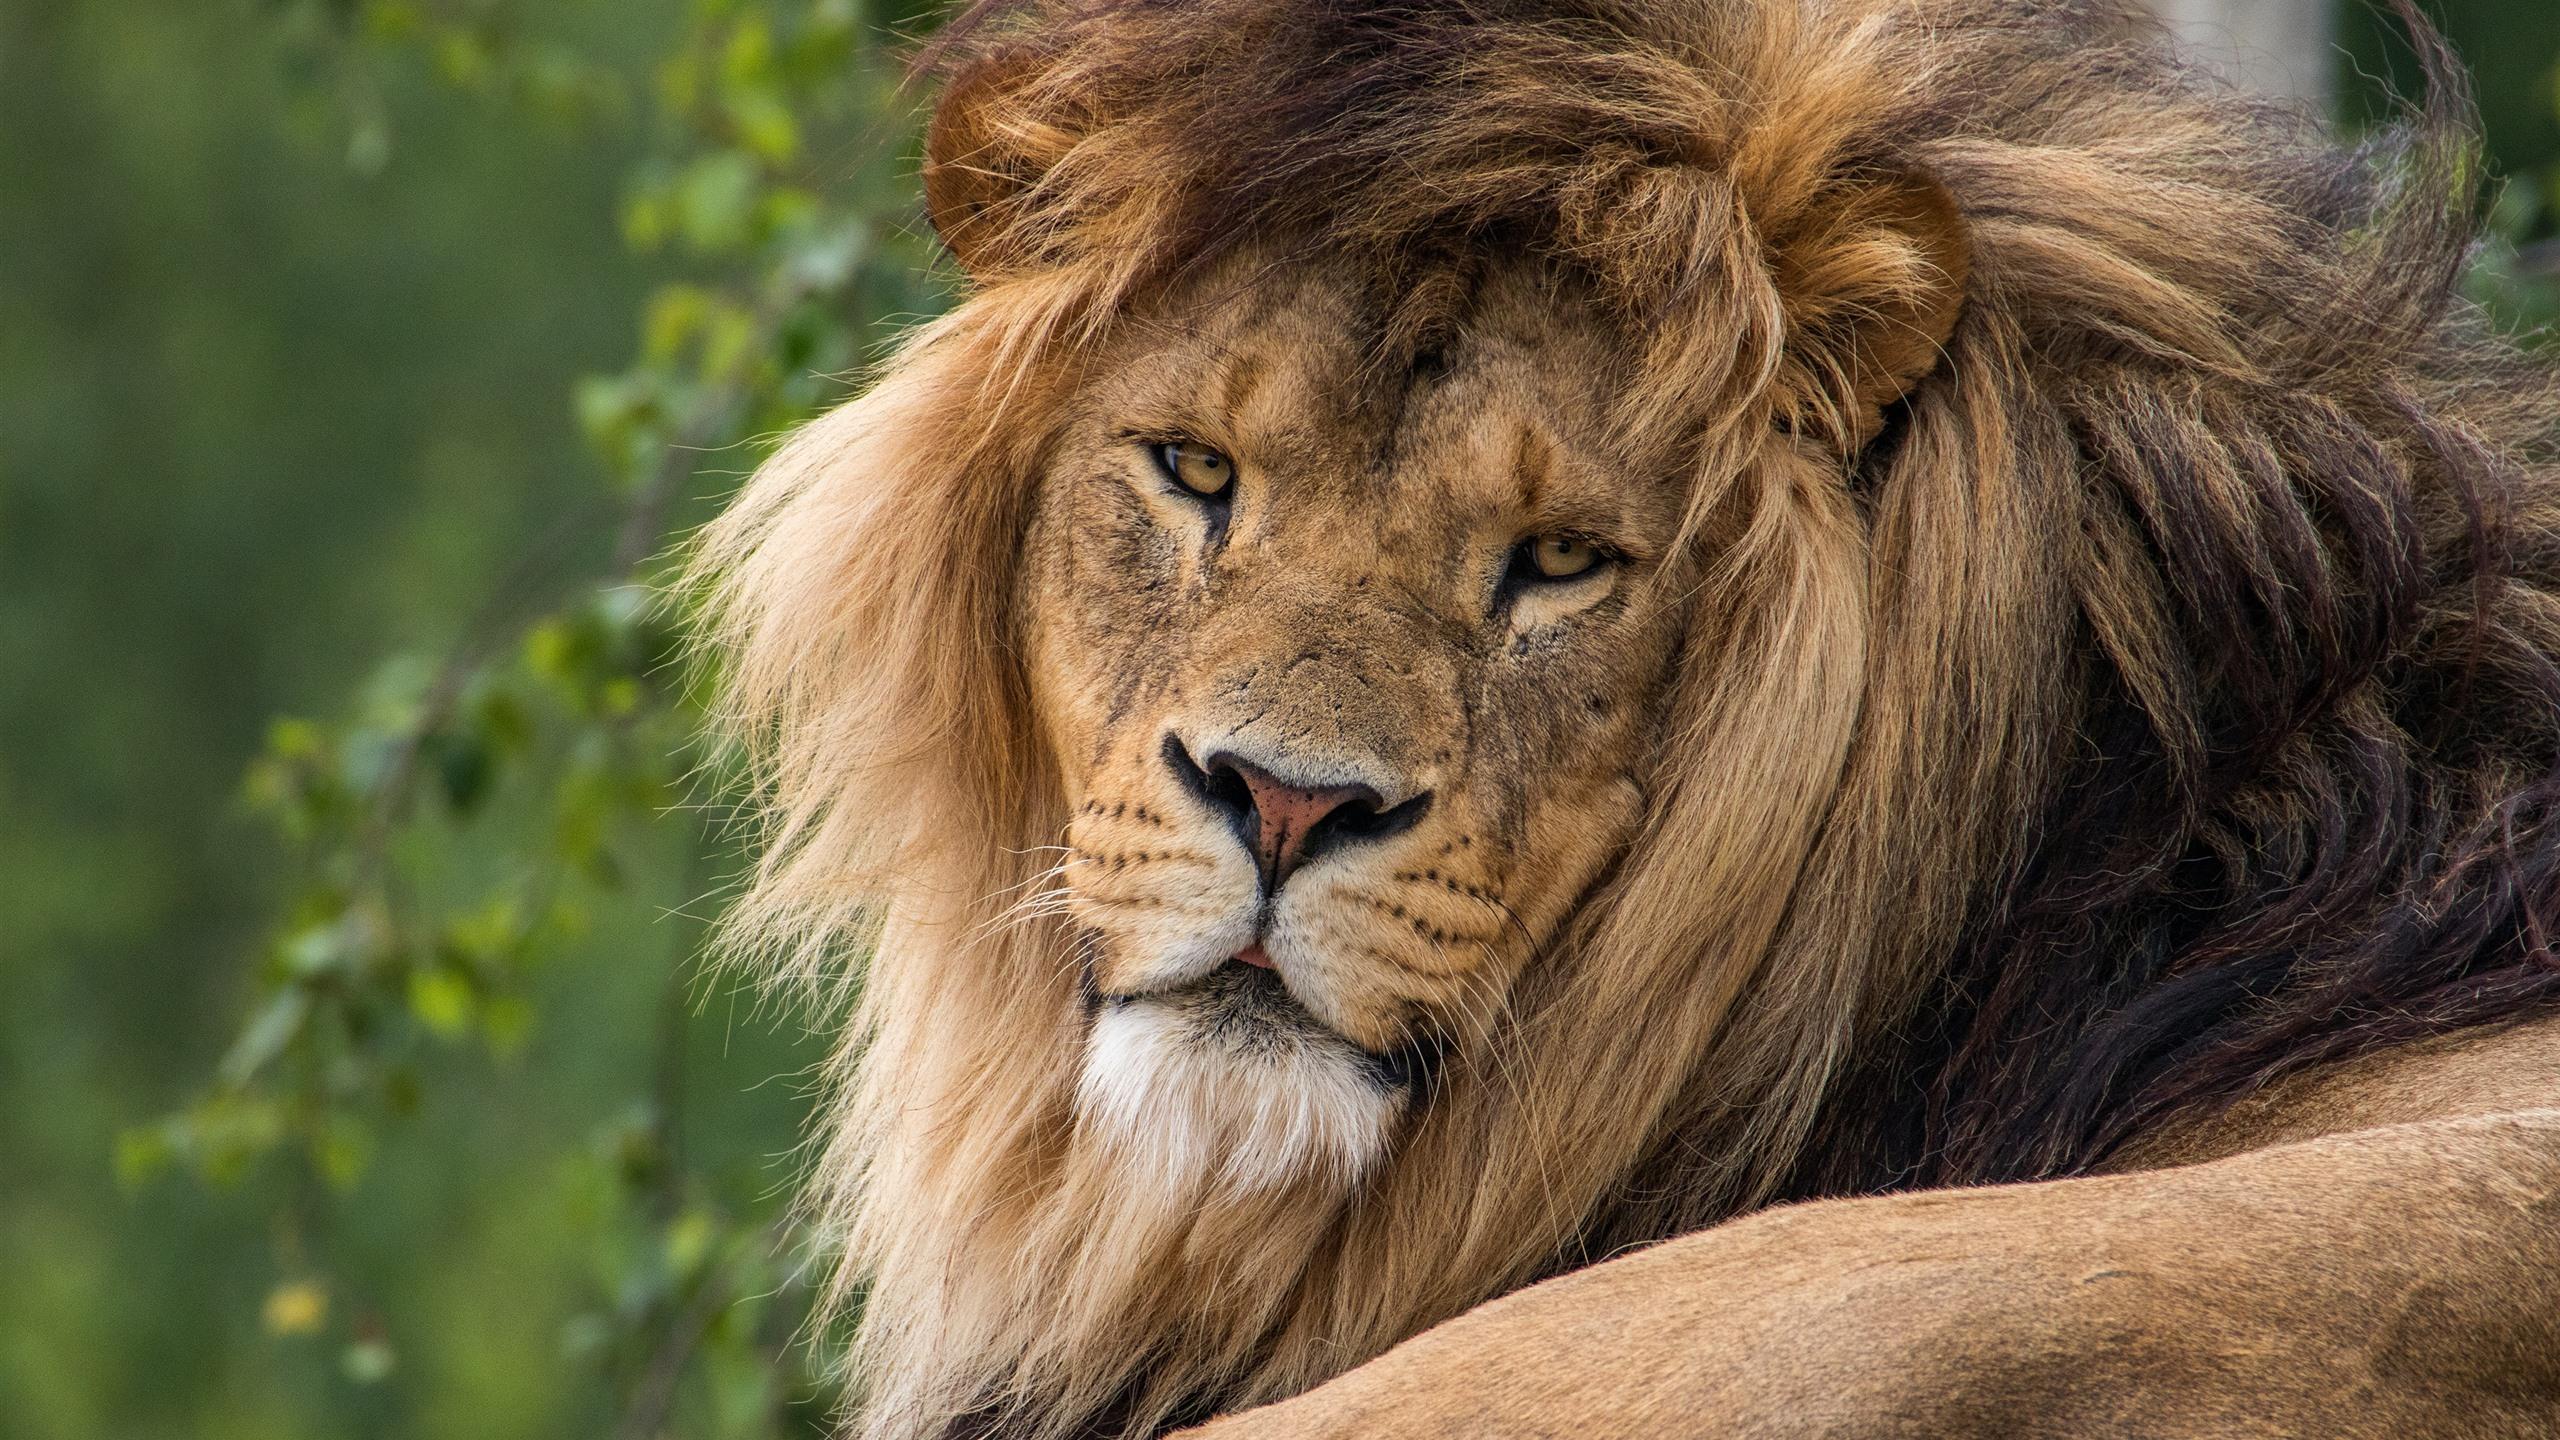 Fonds Décran Lion Reste Regarde En Arrière Crinière